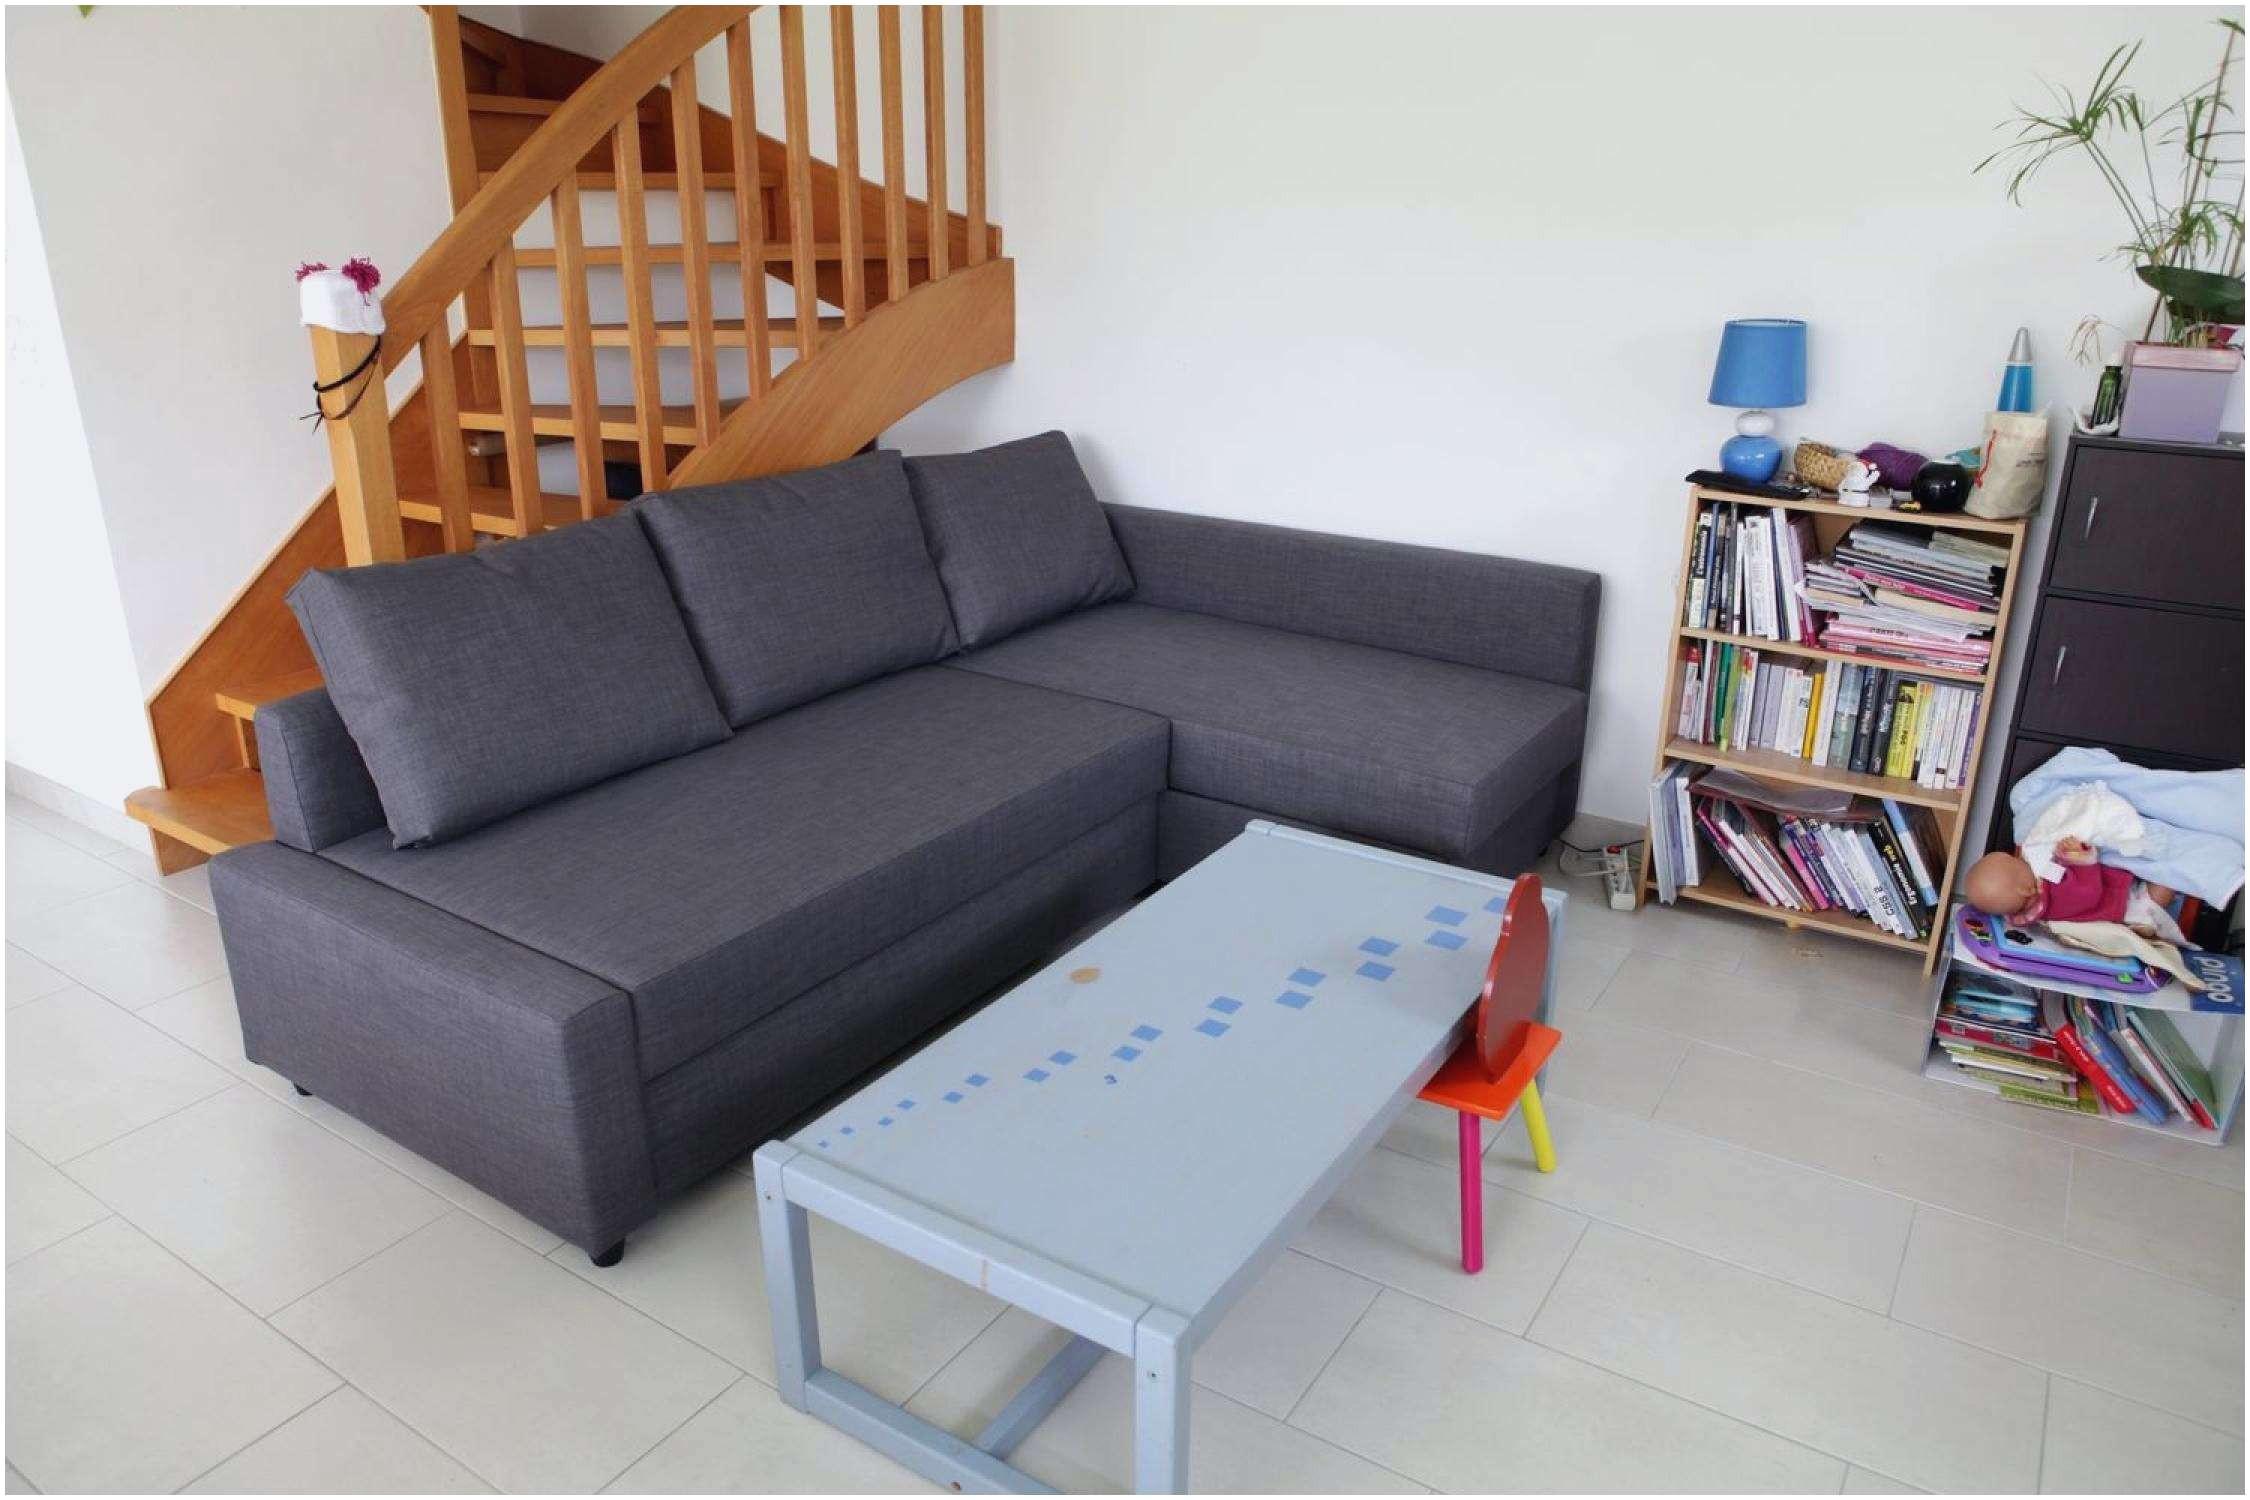 impressionnant ikea lit convertible banquette futon ikea nouveau banquette lit 0d pour option ikea banquette convertible